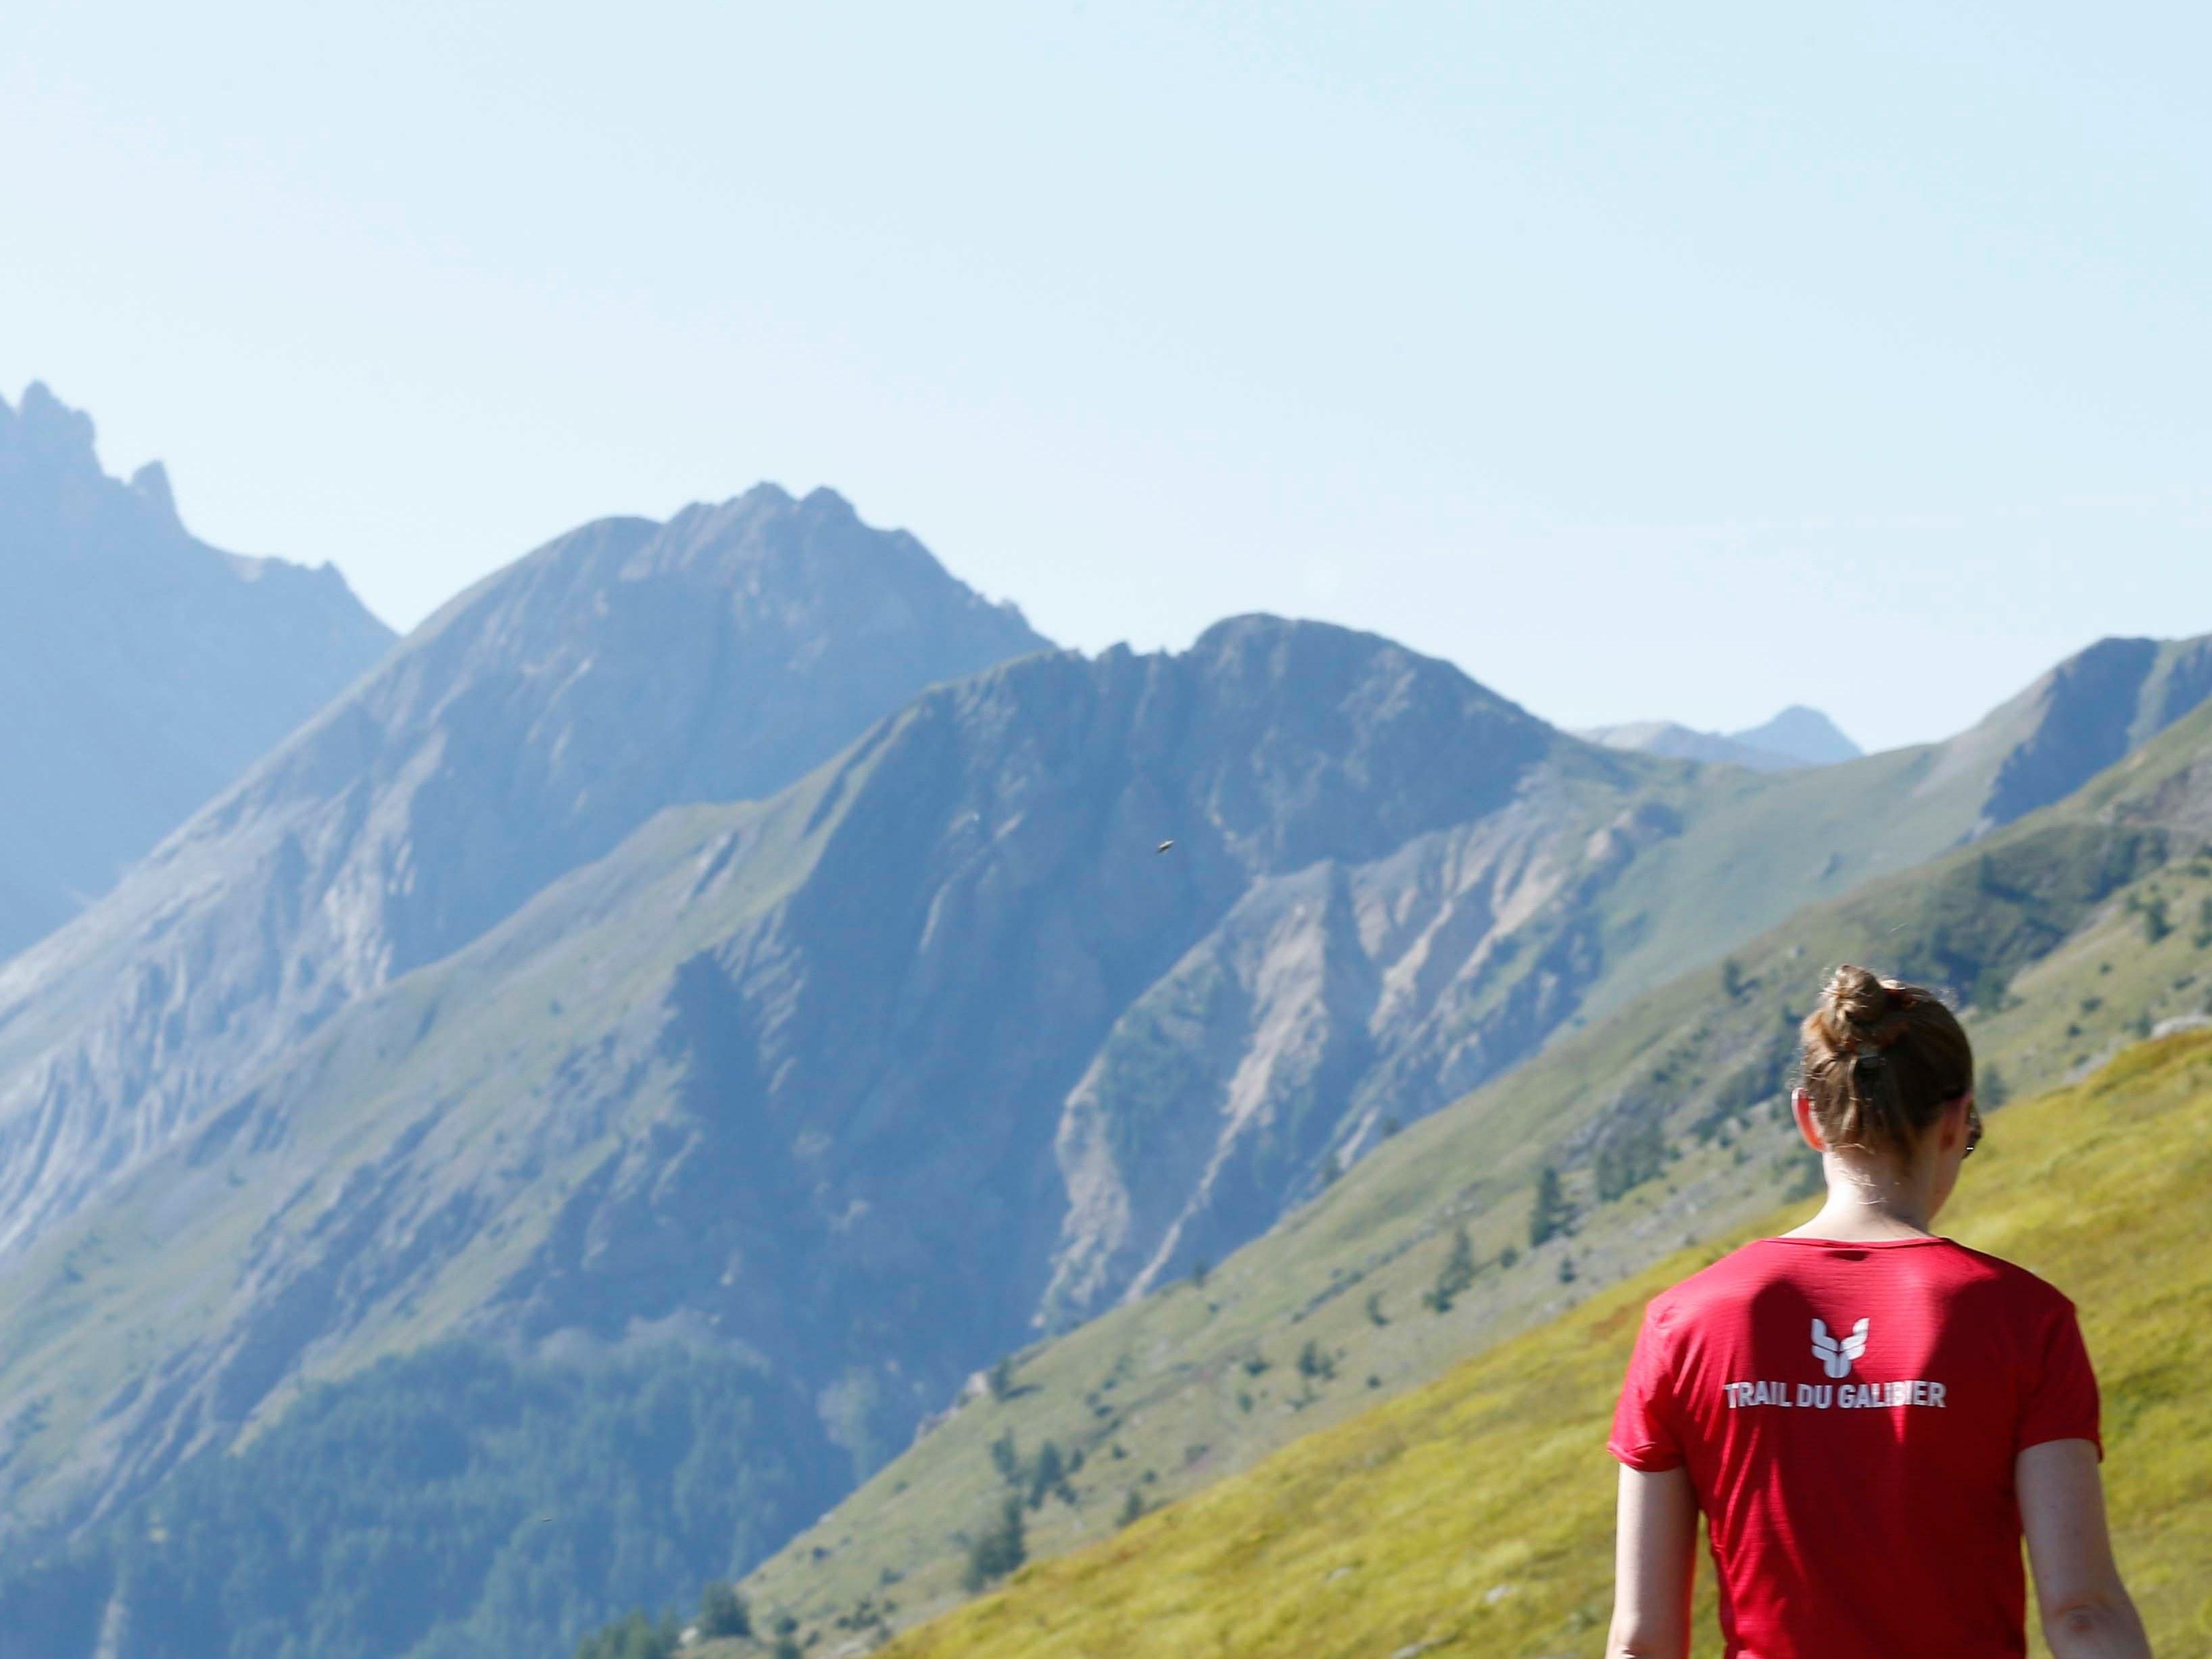 montagne trail de dos